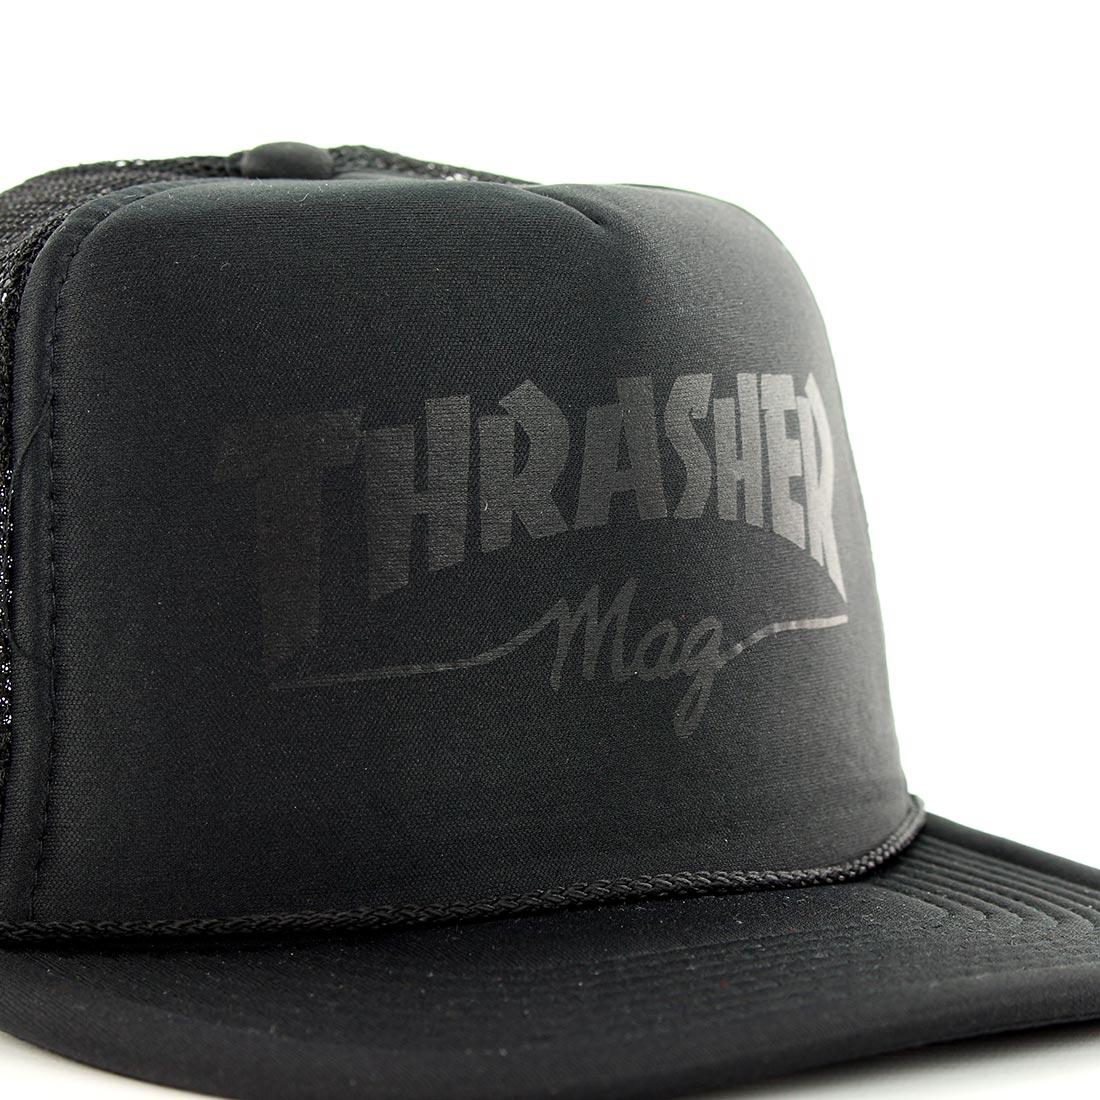 9b32d9c616a Thrasher Skate Mag Logo Mesh Trucker Cap - Black On Black